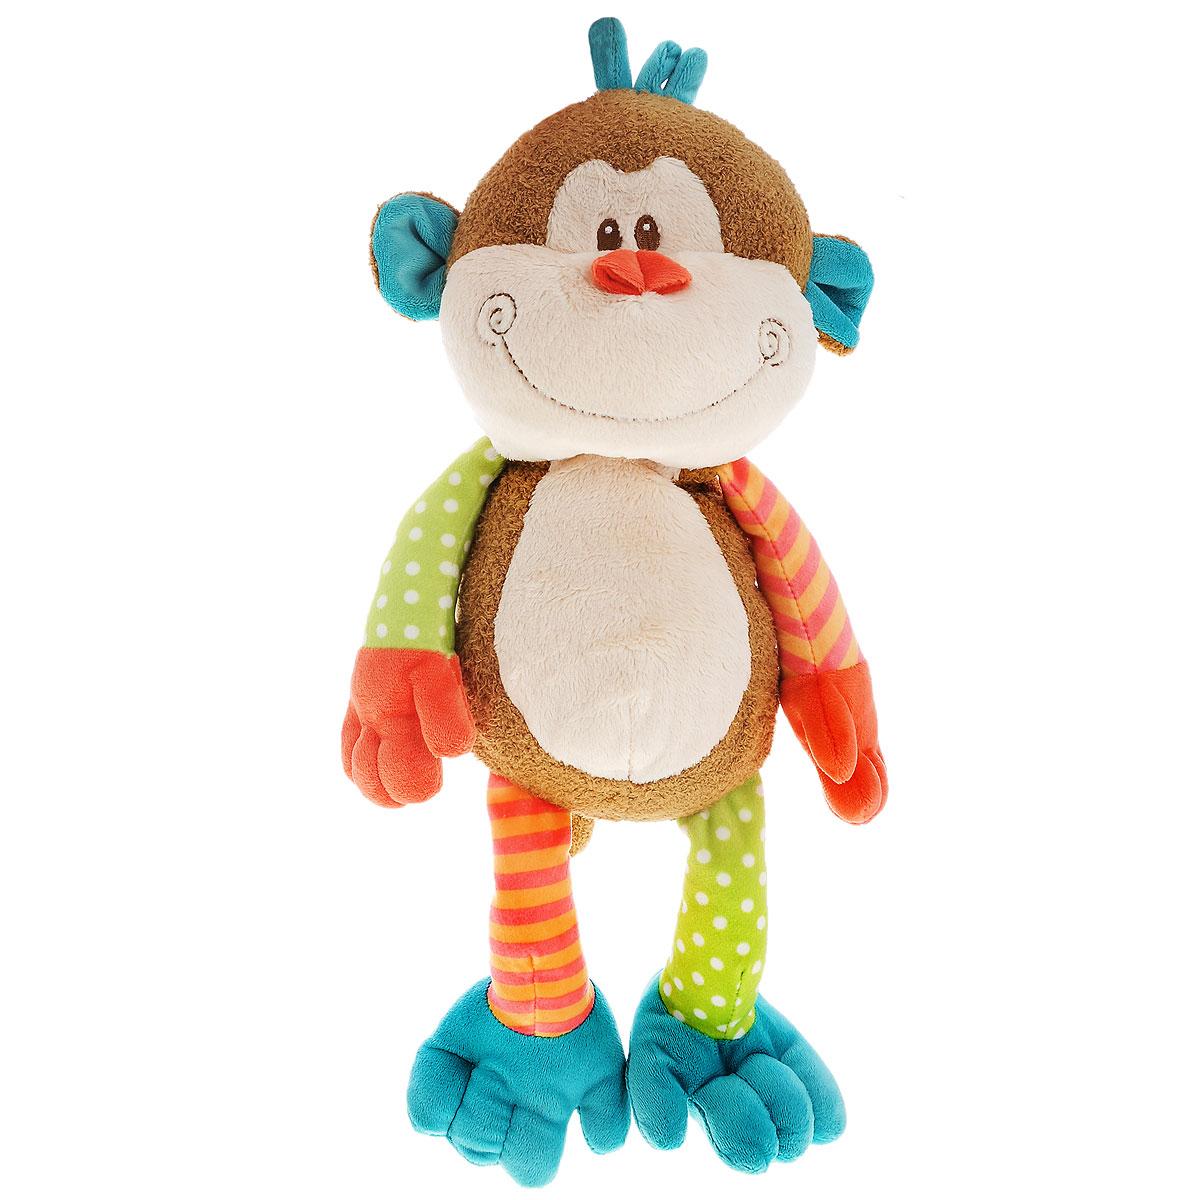 """Мягкая игрушка Plush Apple """"Веселая мартышка"""", 33 см - 1"""